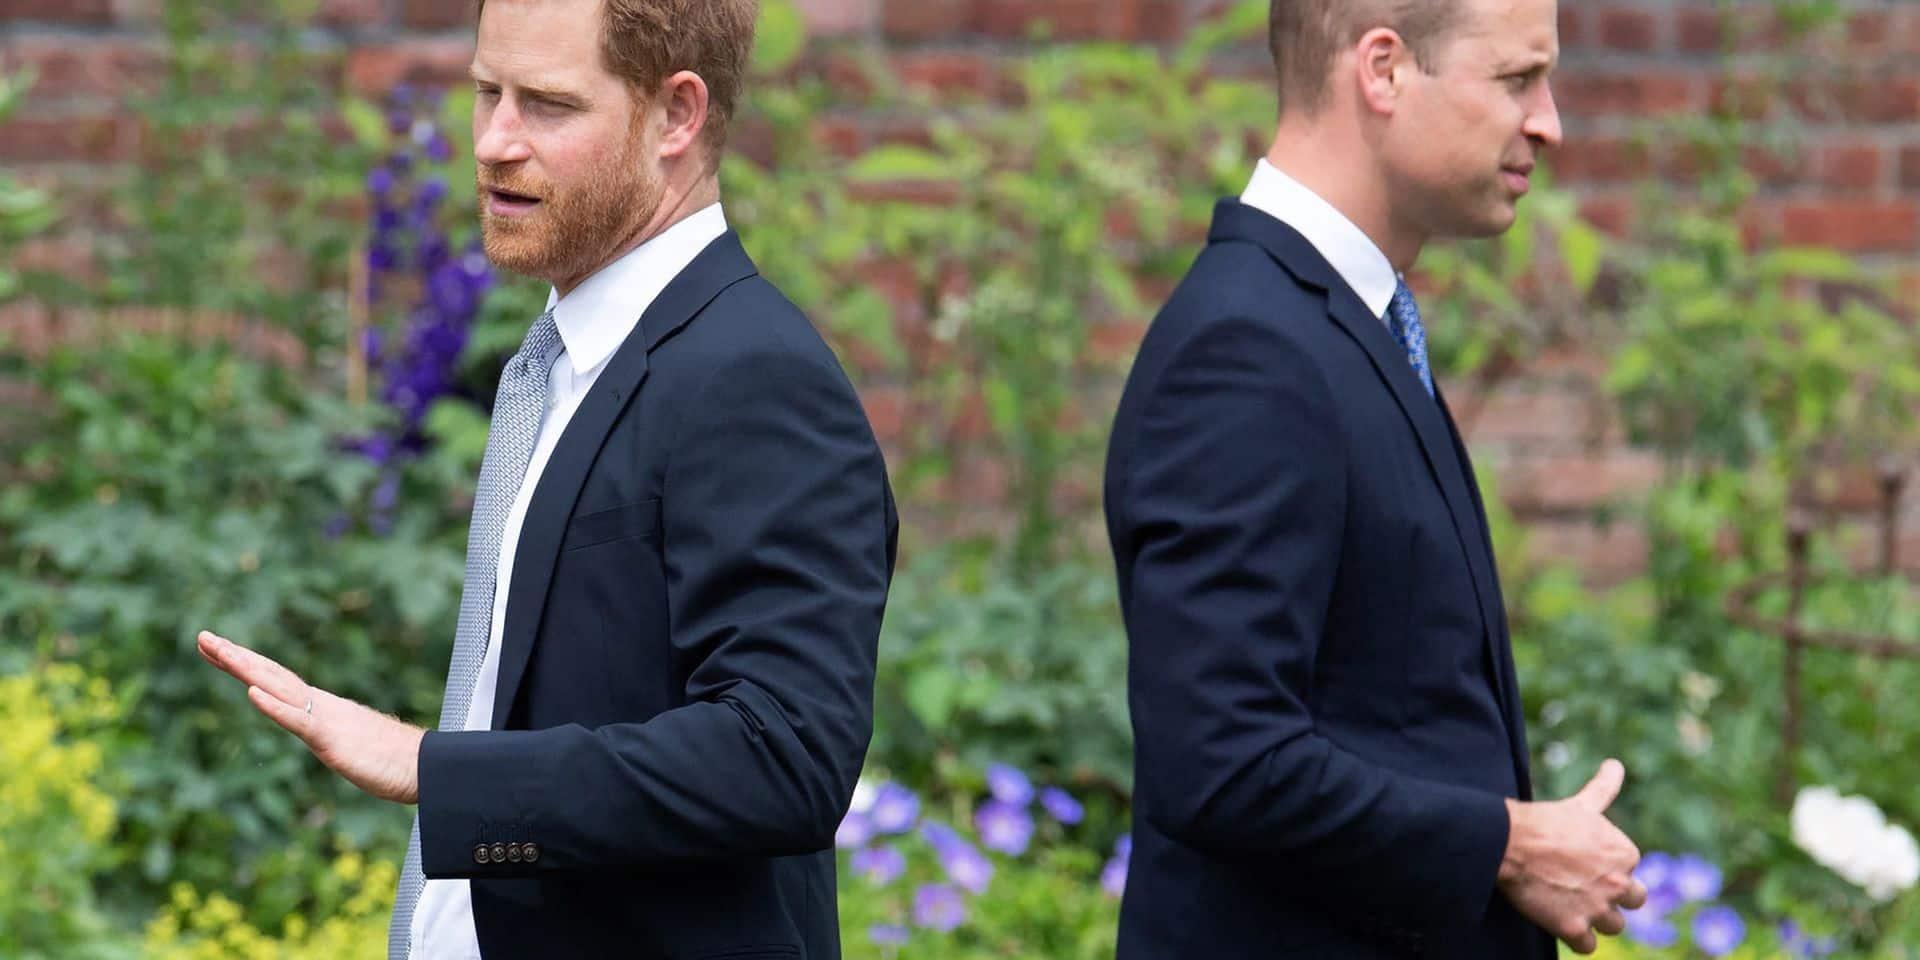 Toujours pas de réconciliation en vue entre William et son frère: Harry est reparti 20 minutes après l'hommage à Diana